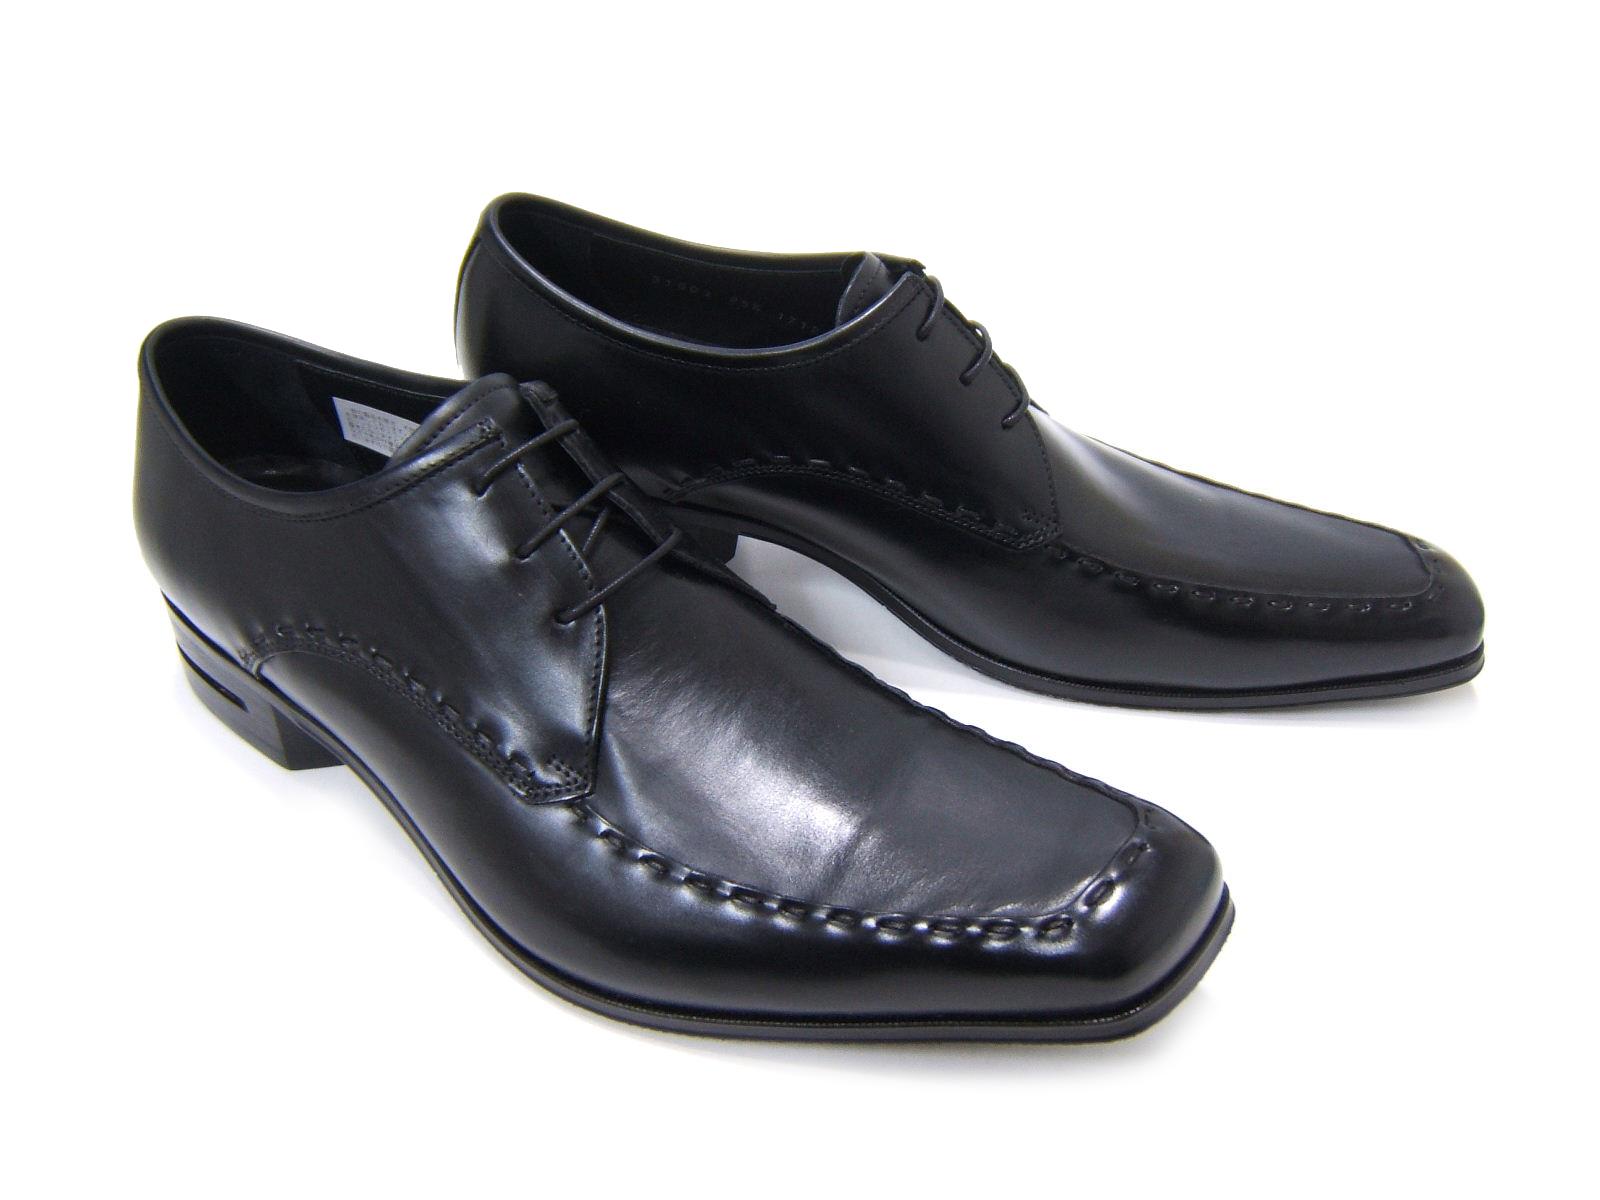 英国で培われた伝統のスタイルを正統継承!KATHARINE HAMNETT LONDON キャサリン ハムネット ロンドン紳士靴 31603 ブラック Uチップ 飾り縫い 外羽根 スクエアトゥ 送料無料